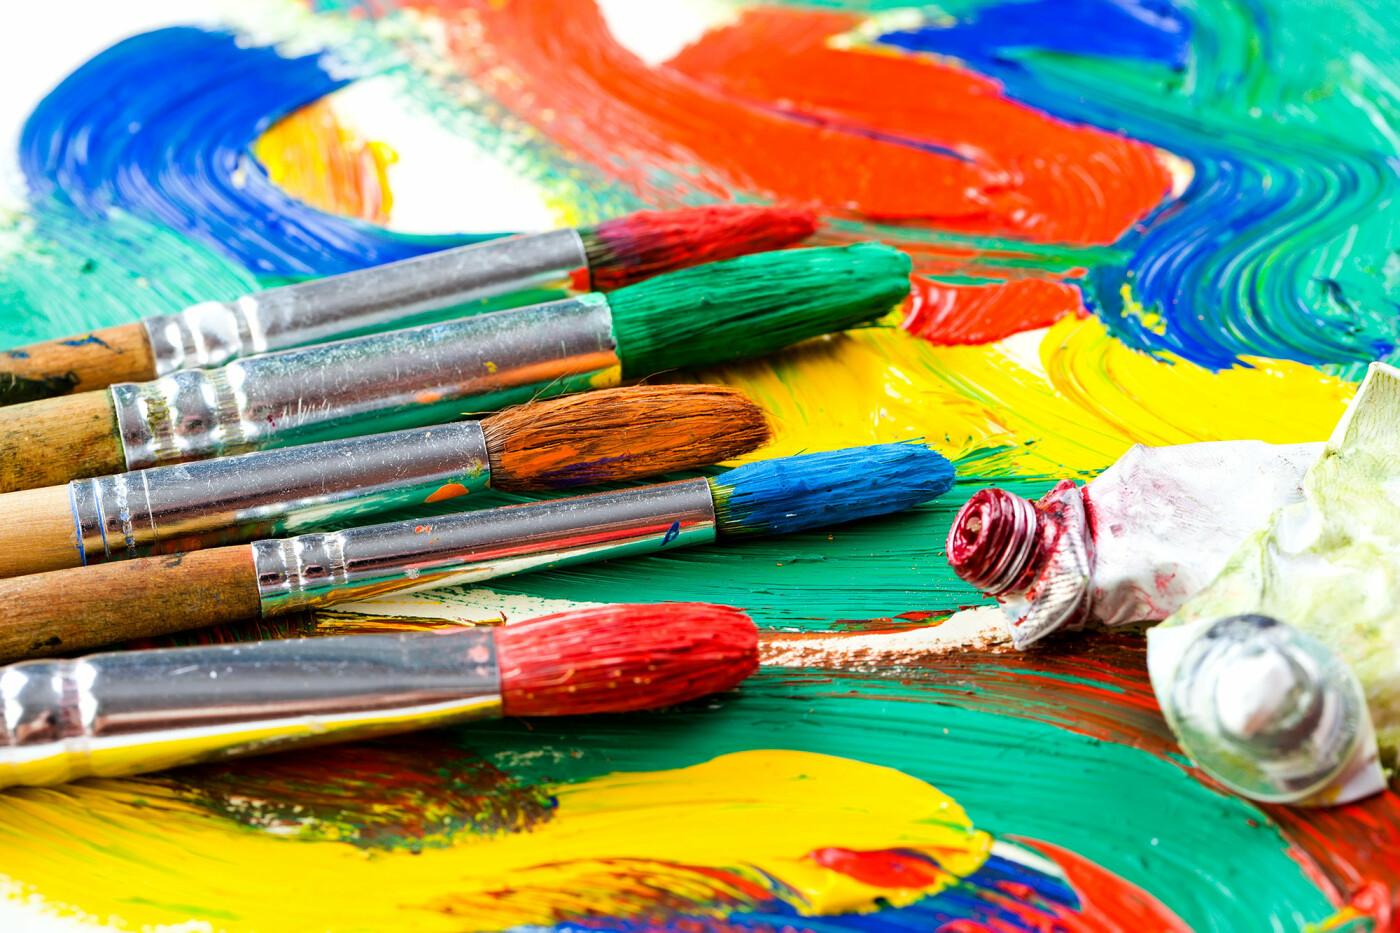 Уикенд в Актау: живопись, экскурсии и детские мастер-классы, фото-6